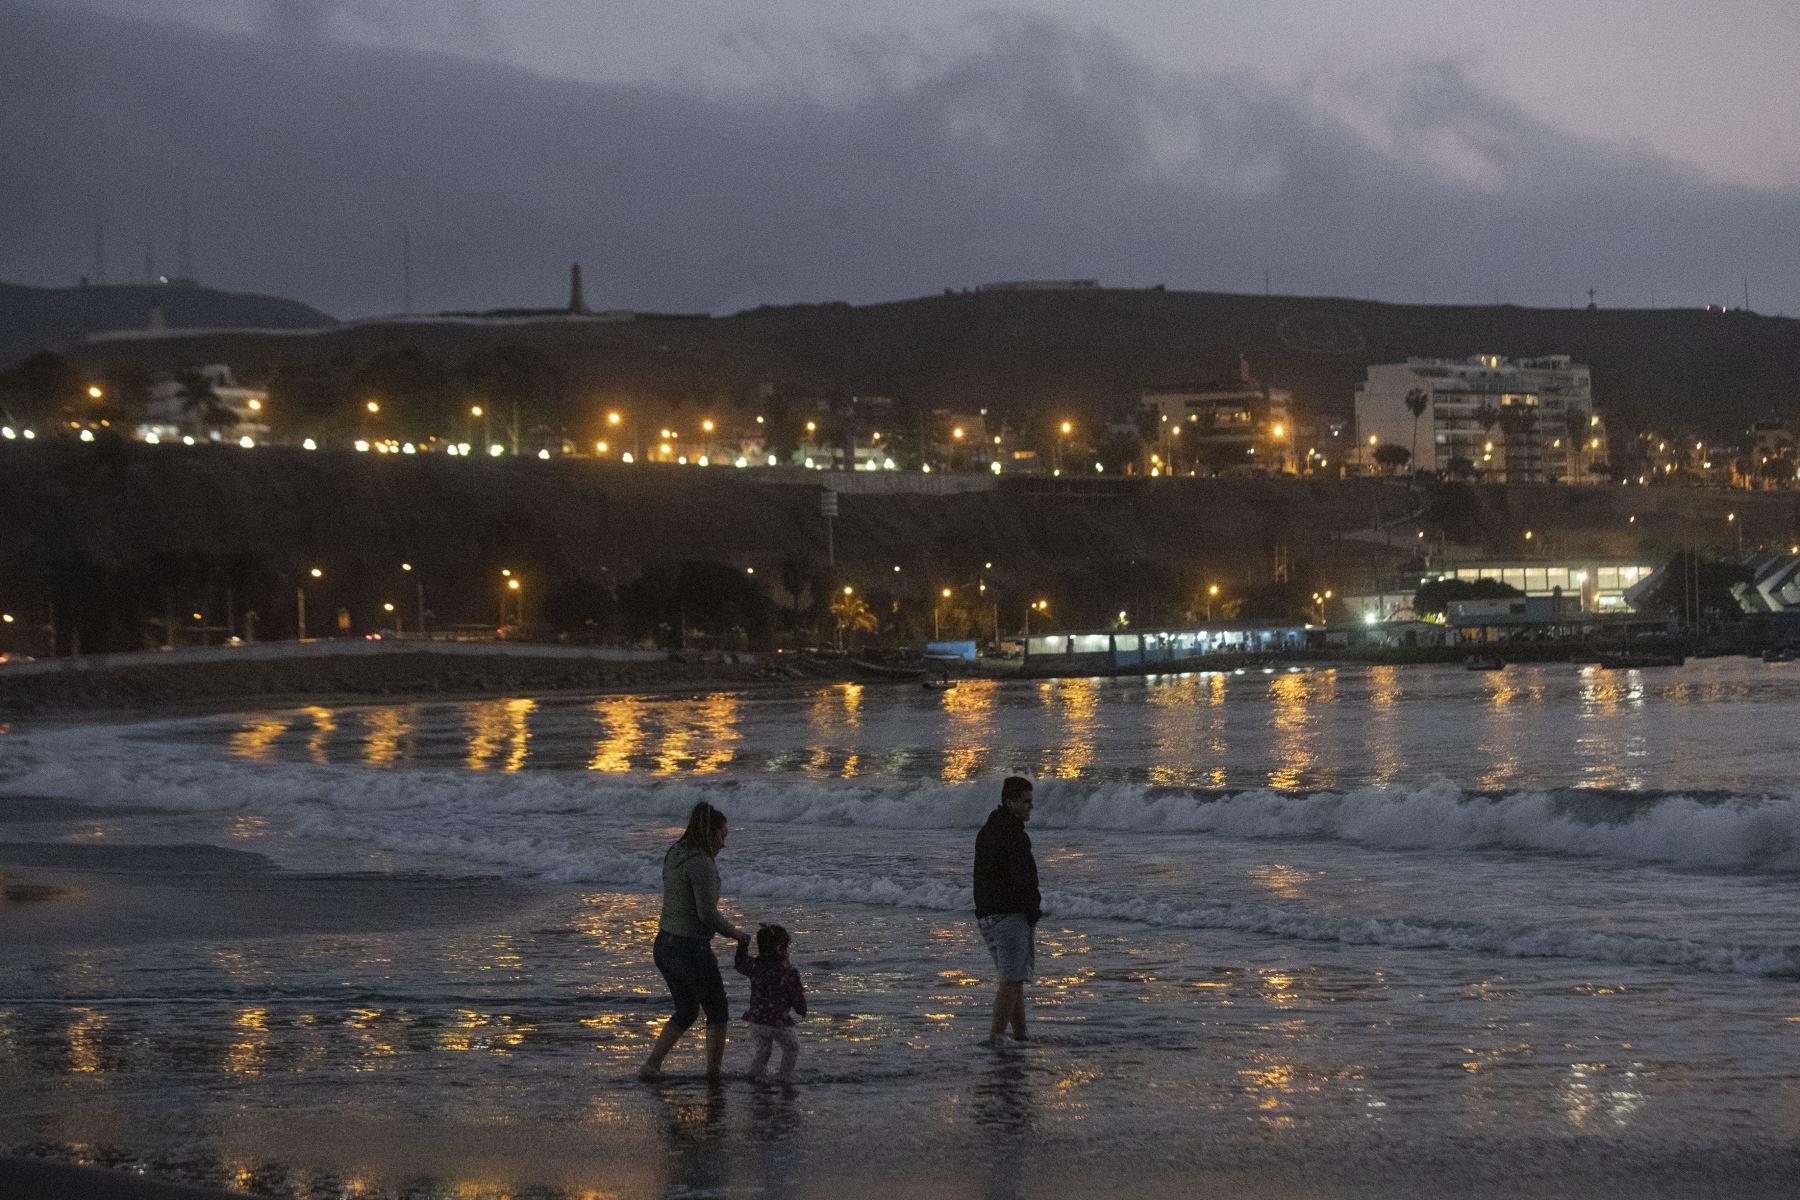 Decenas de personas acuden a la playa Agua Dulce de noche en su primer día de apertura a nivel nacional. Foto: ANDINA/Carla Patiño Ramírez